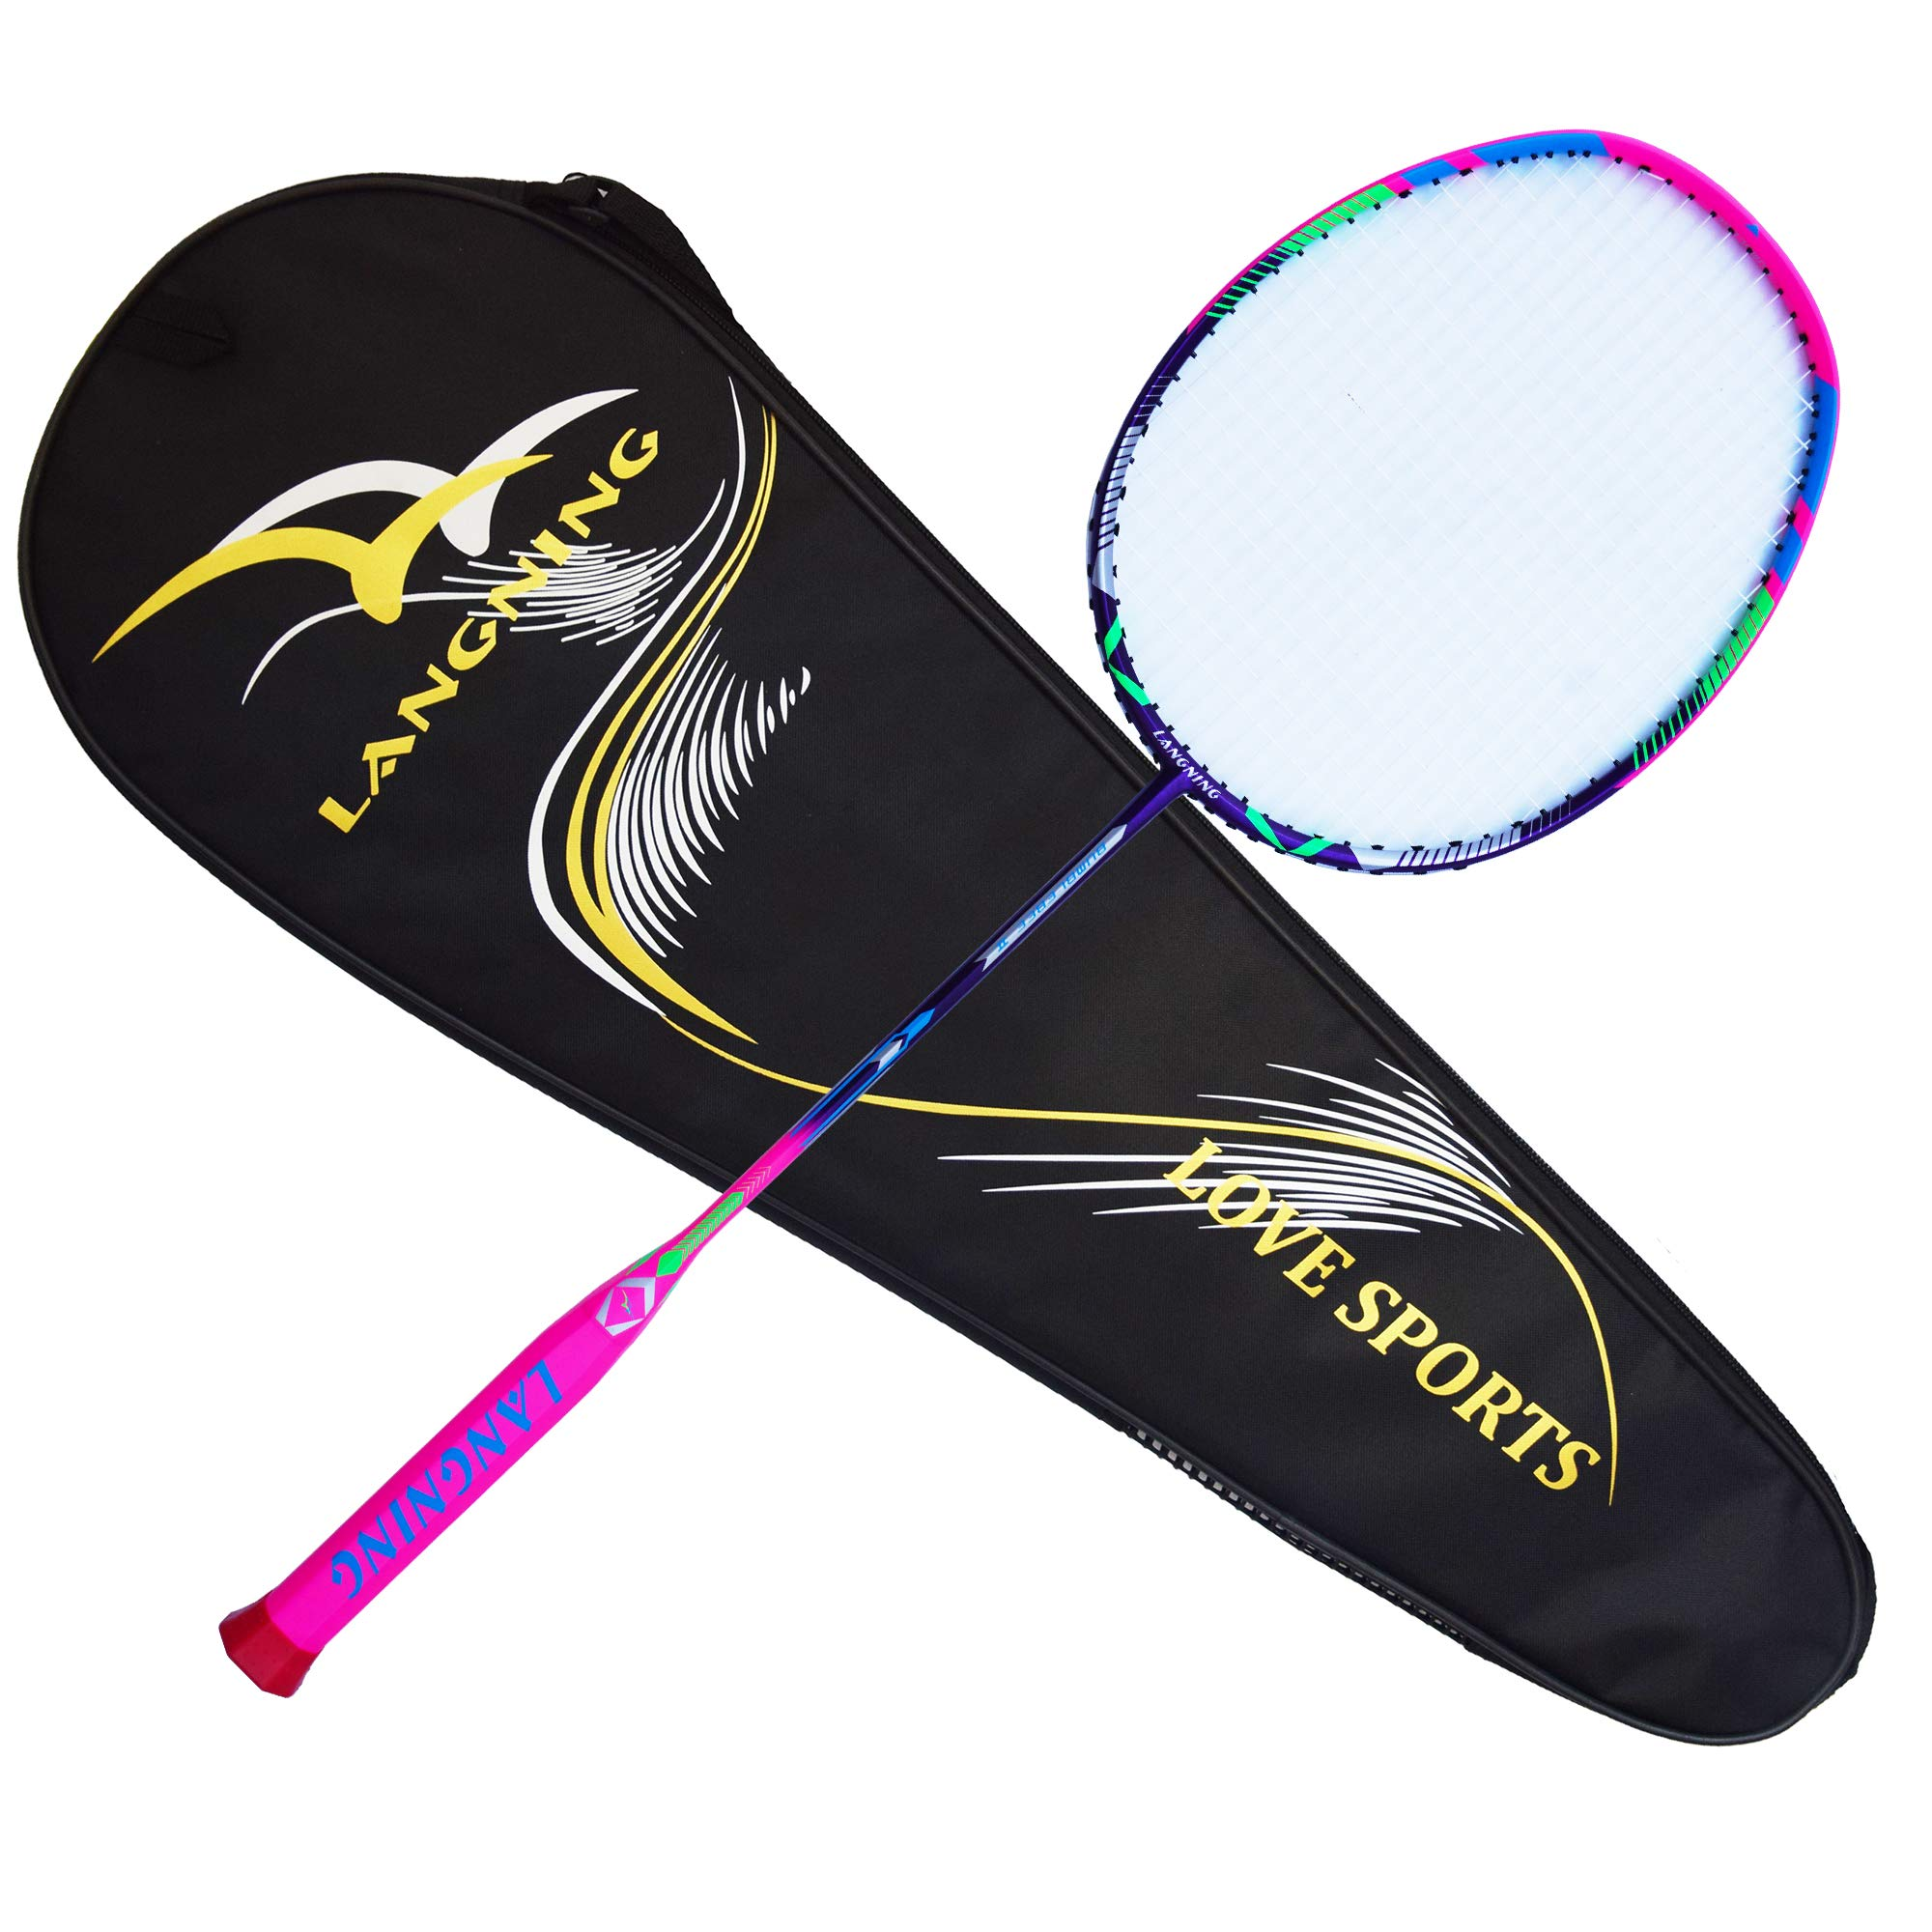 Badminton Racquet Light Racket Set Carbon Fiber 7u Best Tournament Single Shuttle Bat Carrying Bag - 68g